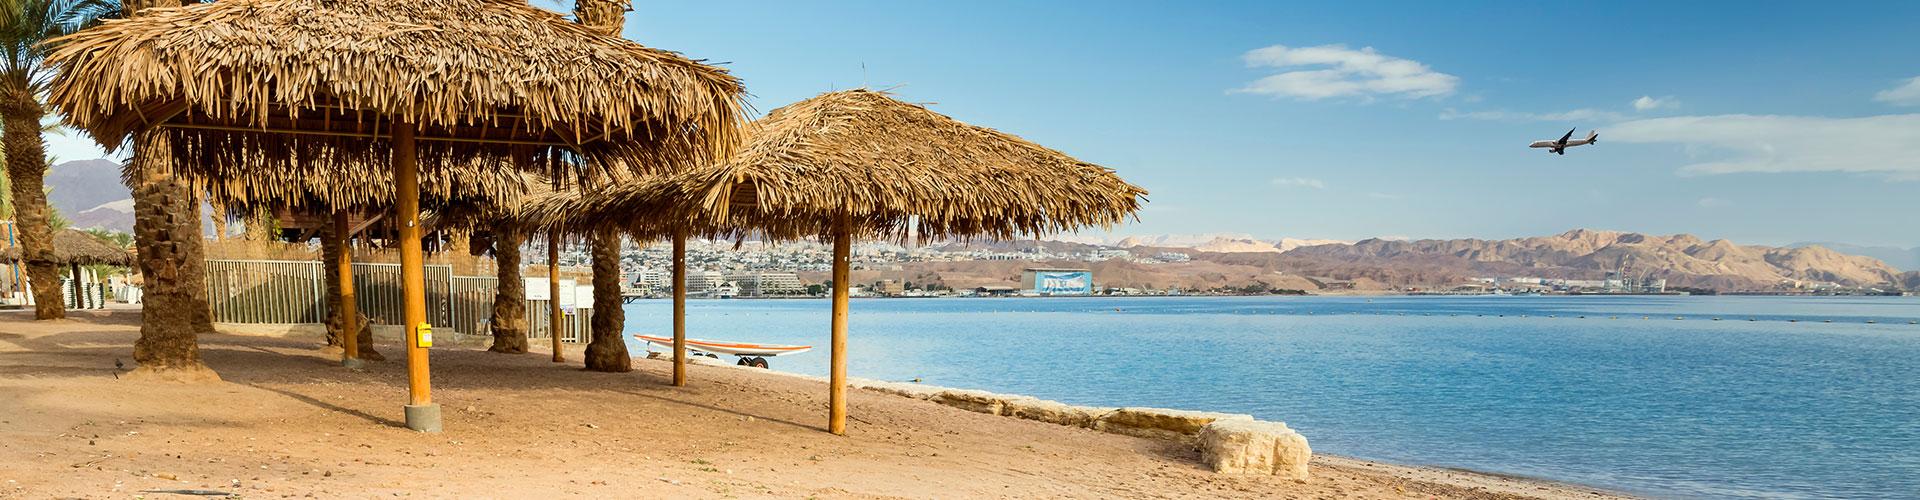 Avant de partir en Israël